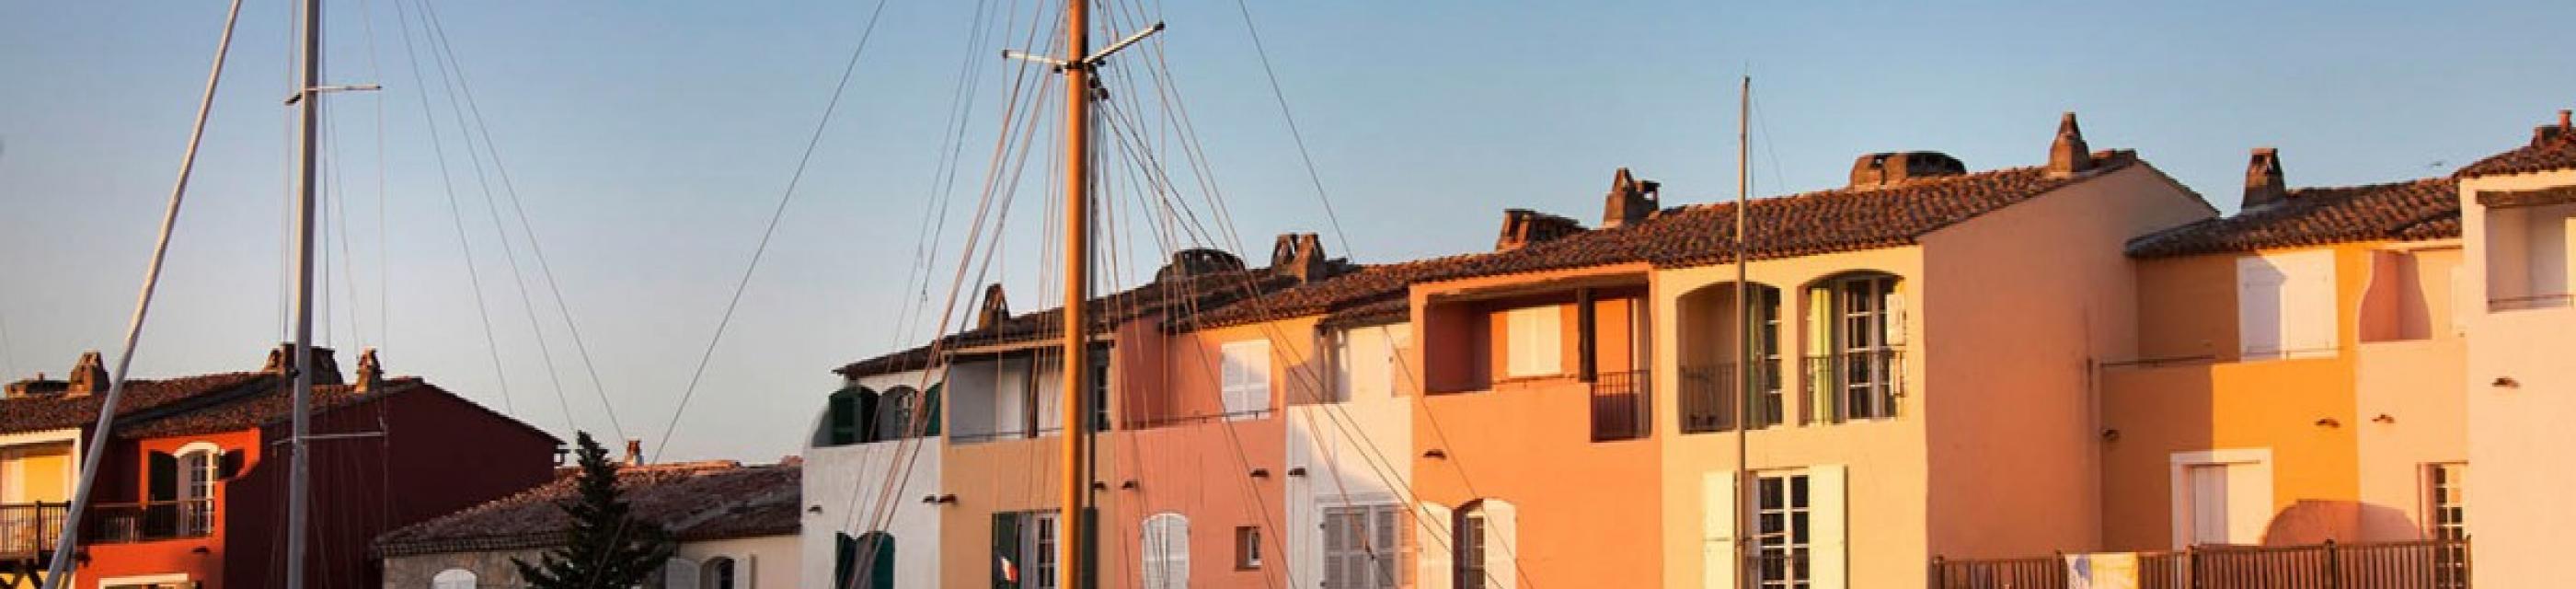 Estimation à la vente - Golfe de St Tropez